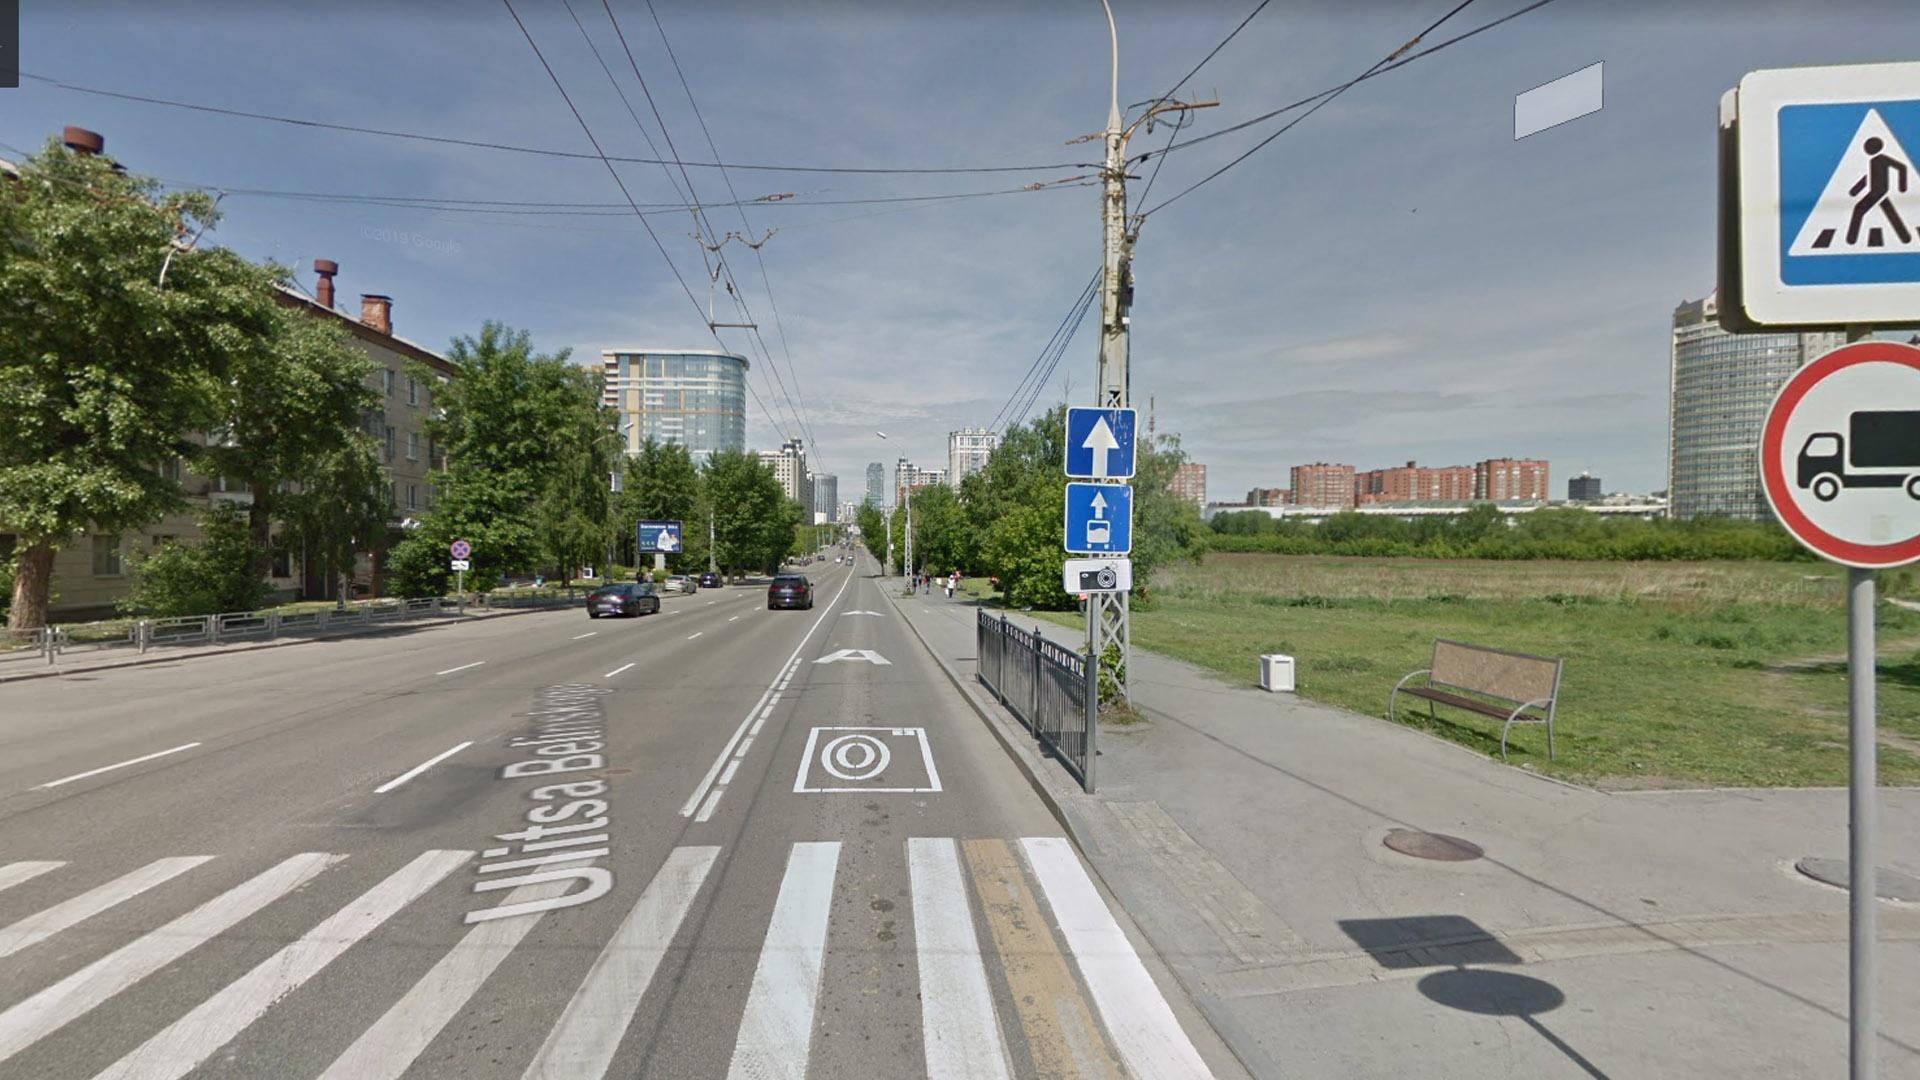 Эффективная выделенка на правой полосе на Белинского. На всем протяжении участка до Тверитина нет ни одного правого поворота